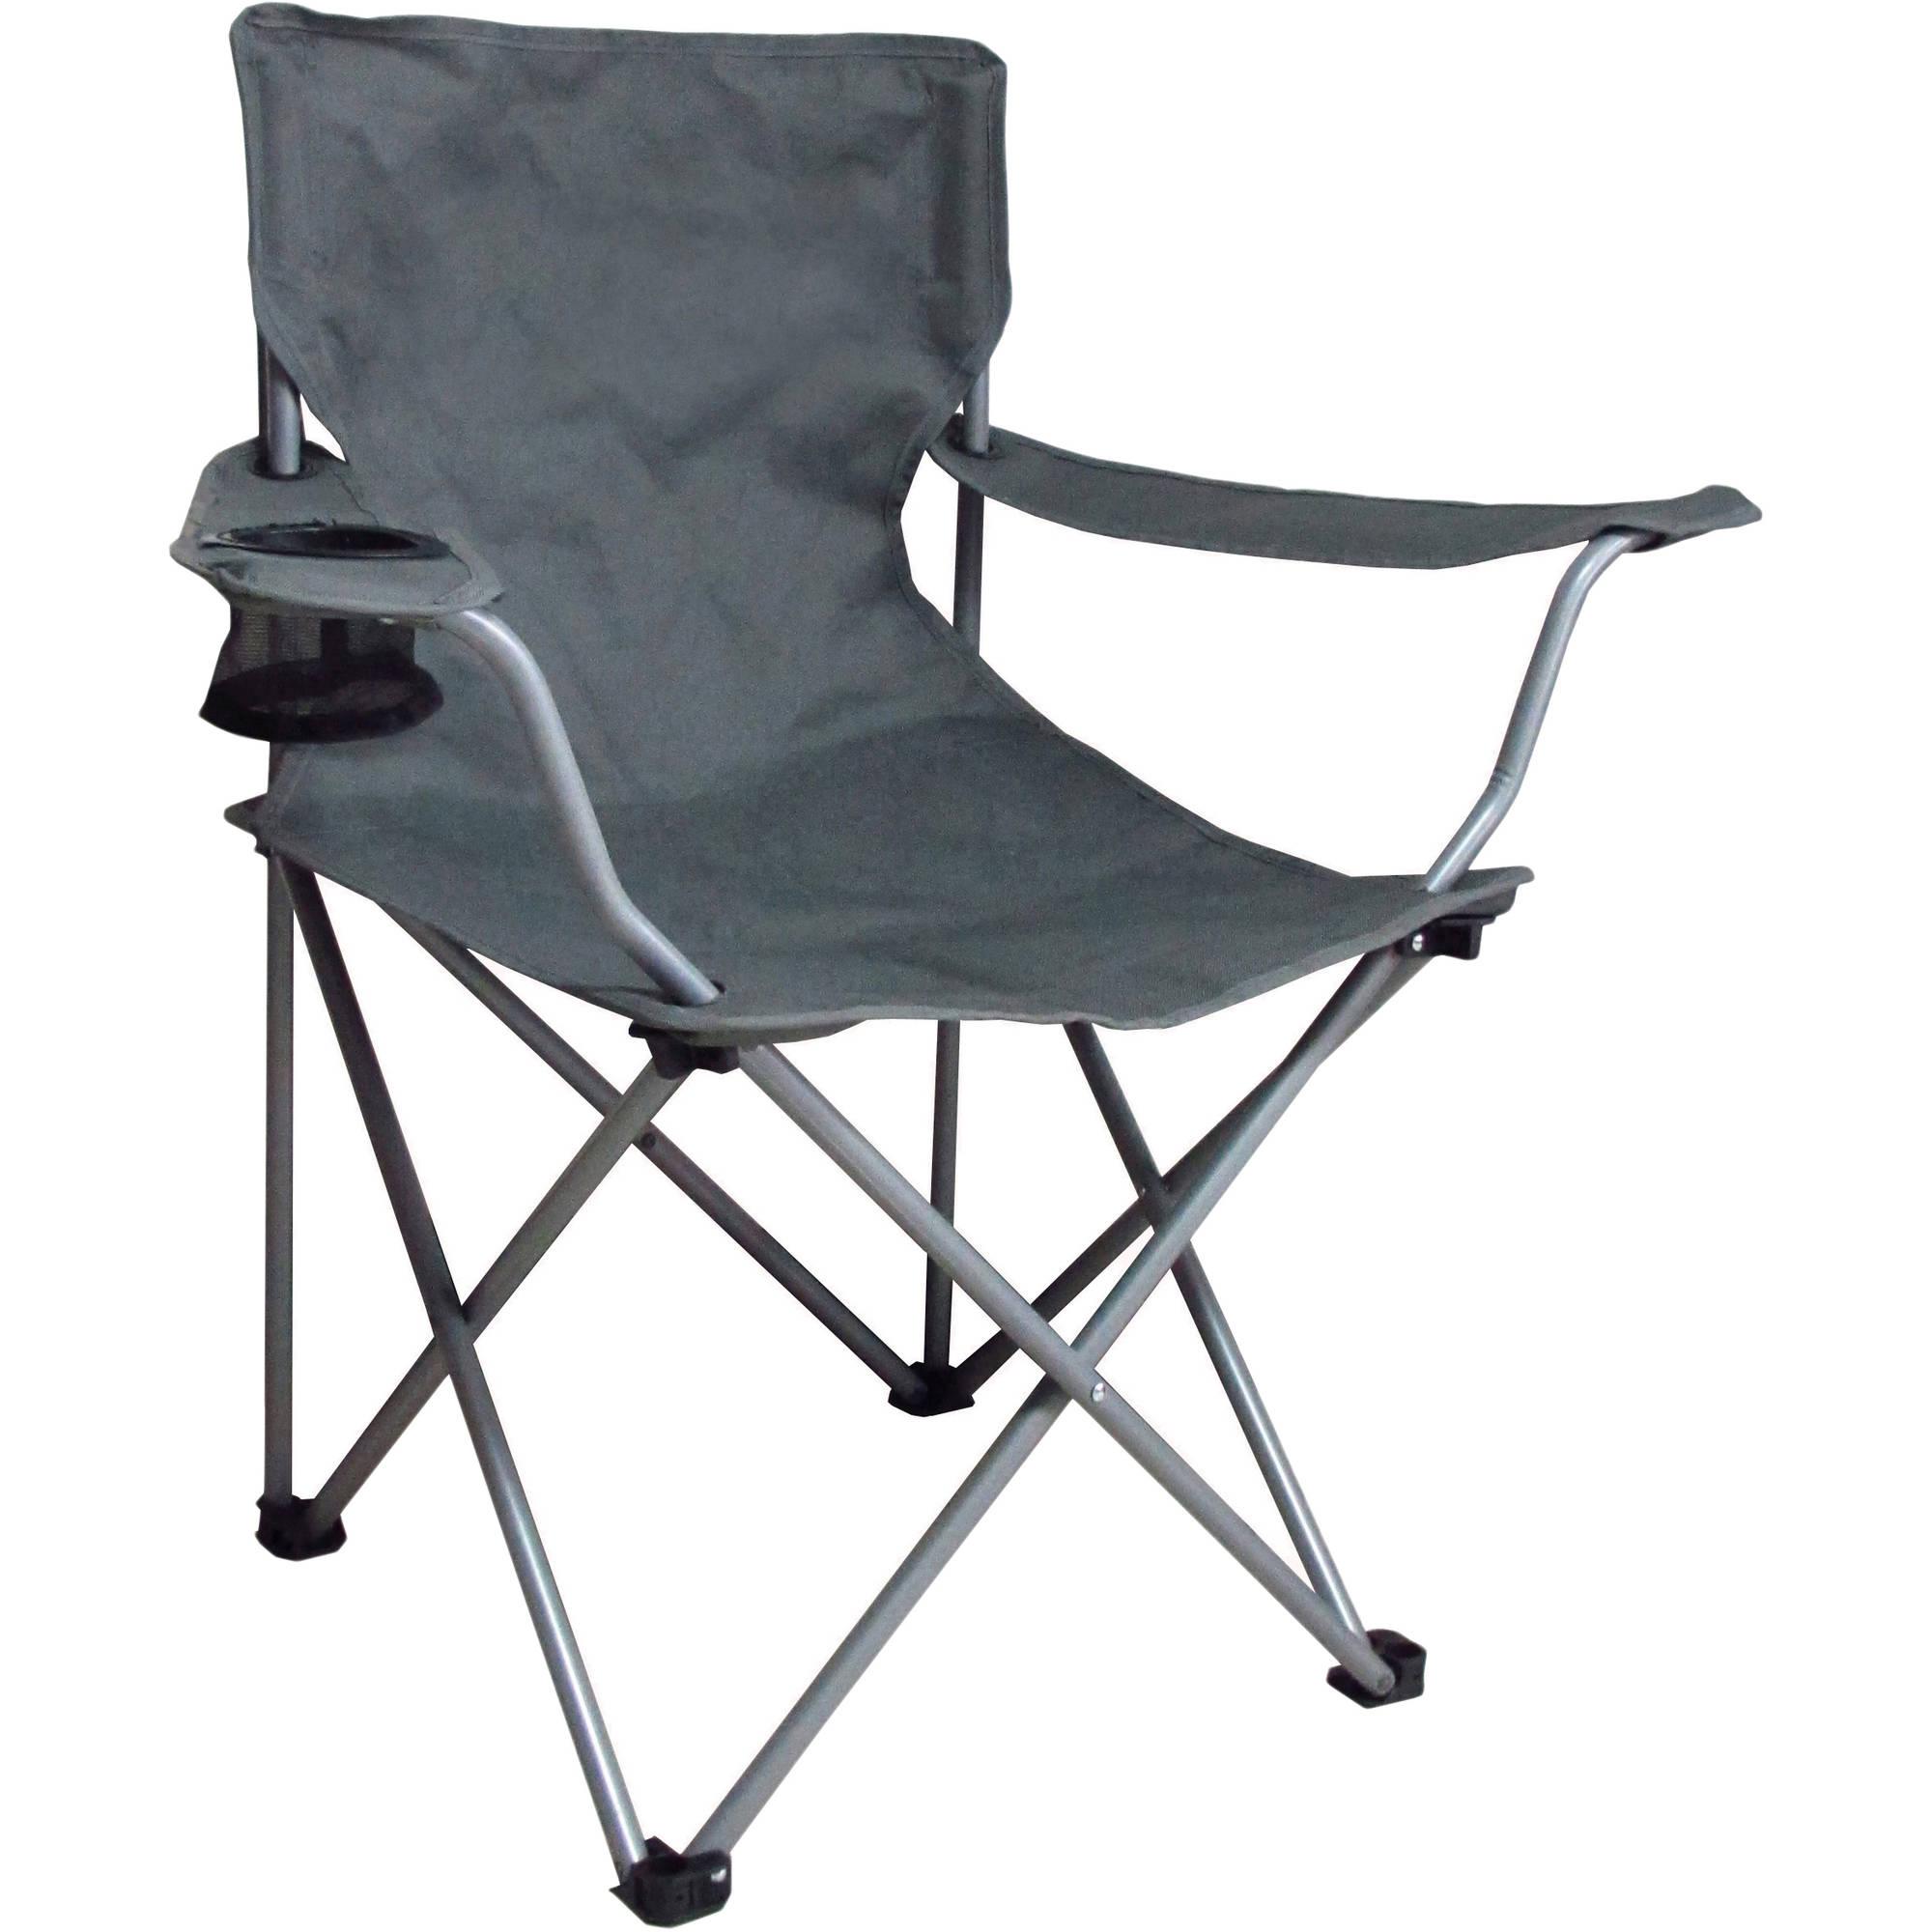 Garden Chair ozark Trail Folding Chair - walmart.com HCFELVN